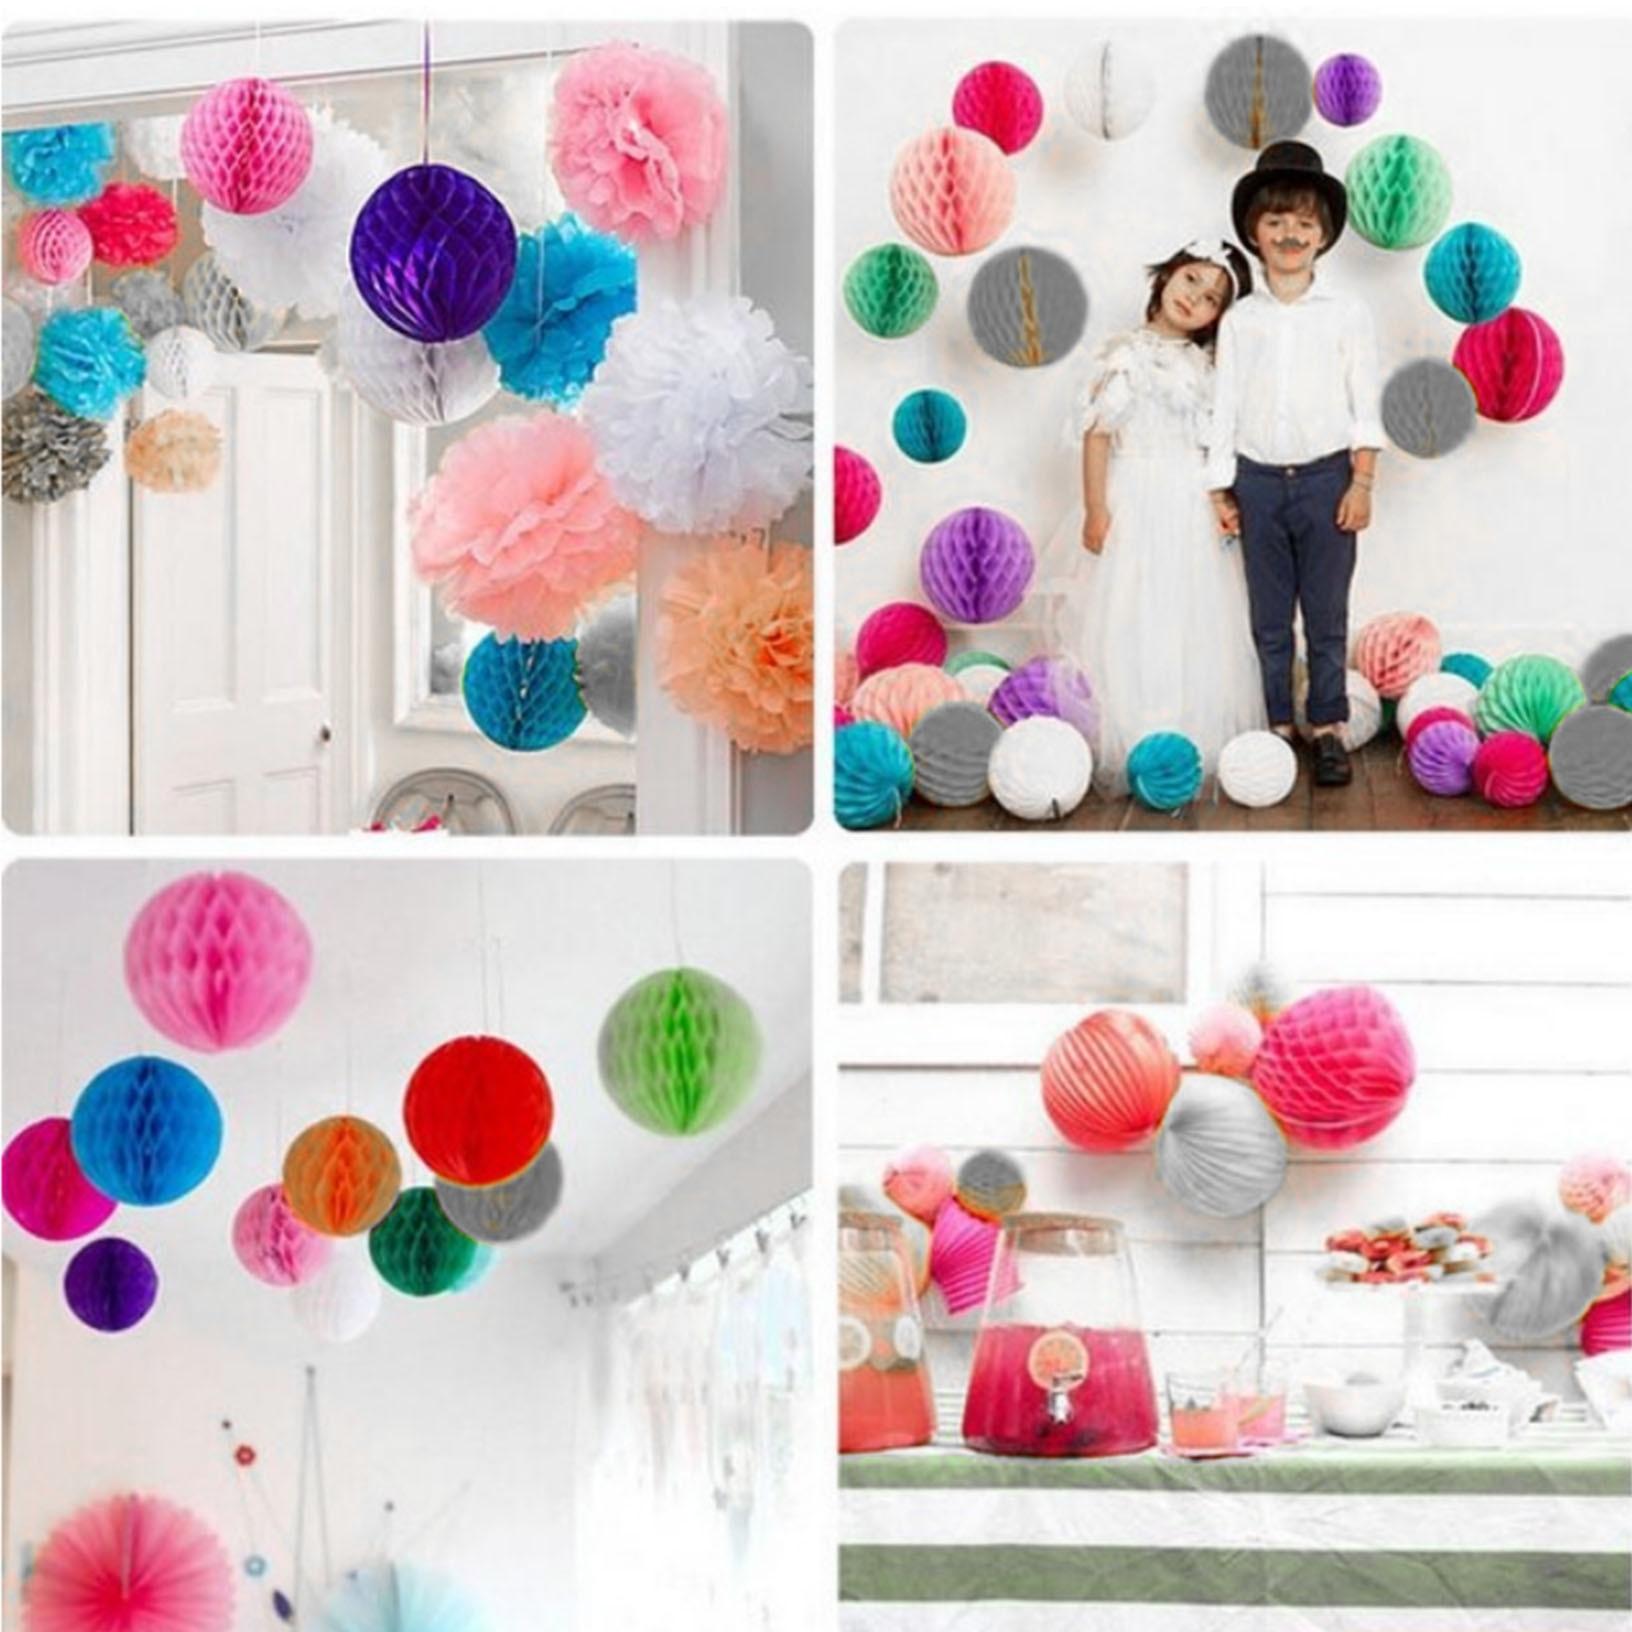 12 Uds mezcla de pompones de papel de seda verde menta Coral blanco bolas de nido de abeja Baby Shower decoración para fiesta de boda